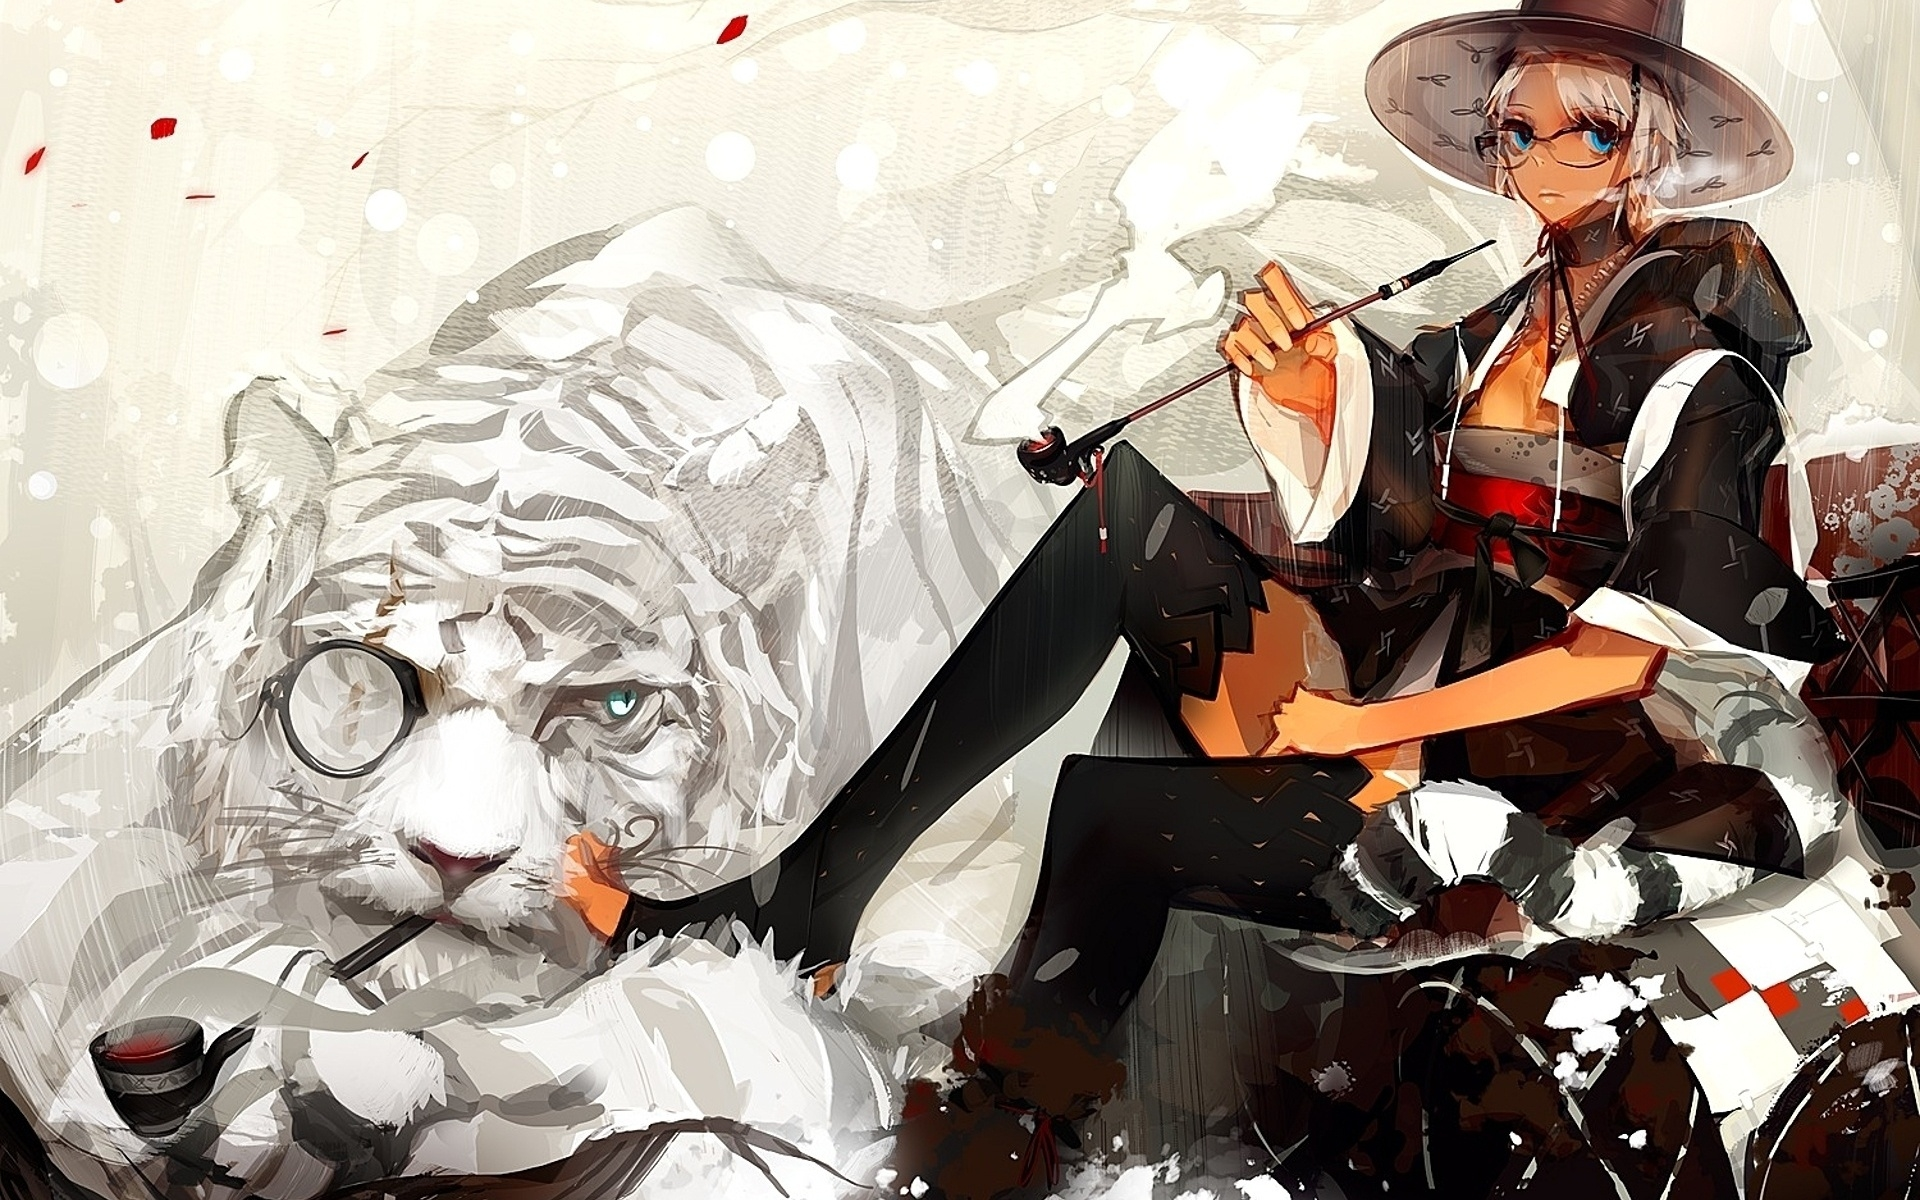 Ảnh con hổ anime cực ngầu